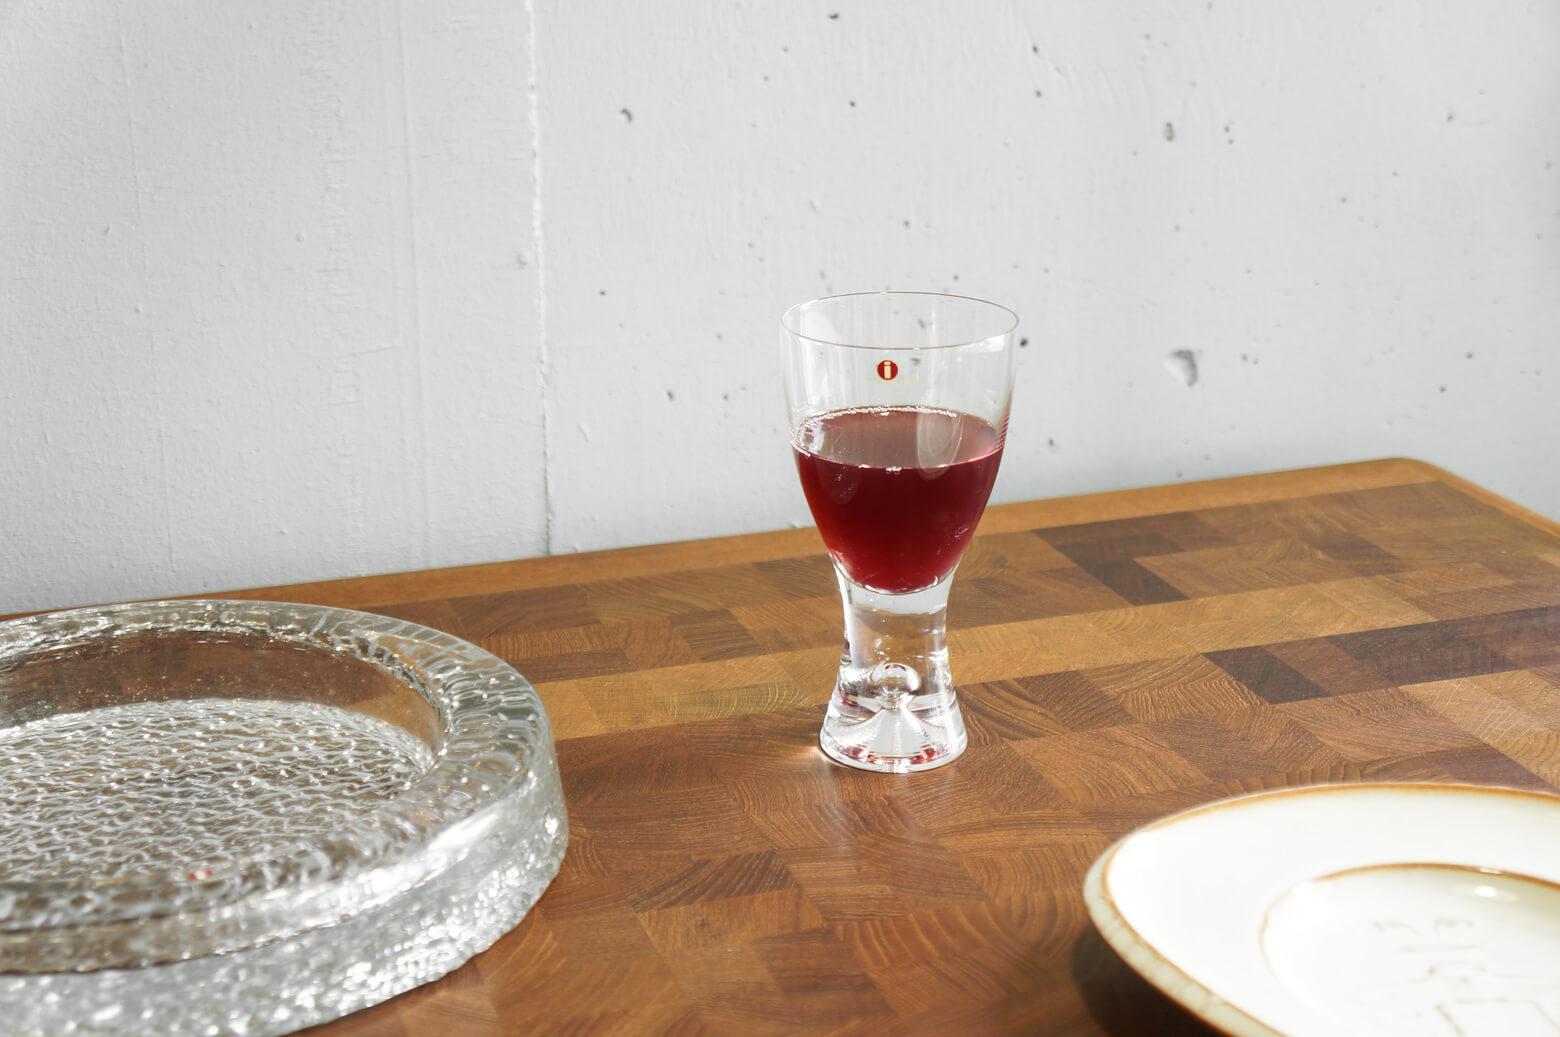 iittala Tapio Wirkkala Glass/イッタラ タピオ・ウィルカラ グラス 北欧食器 フィンランド